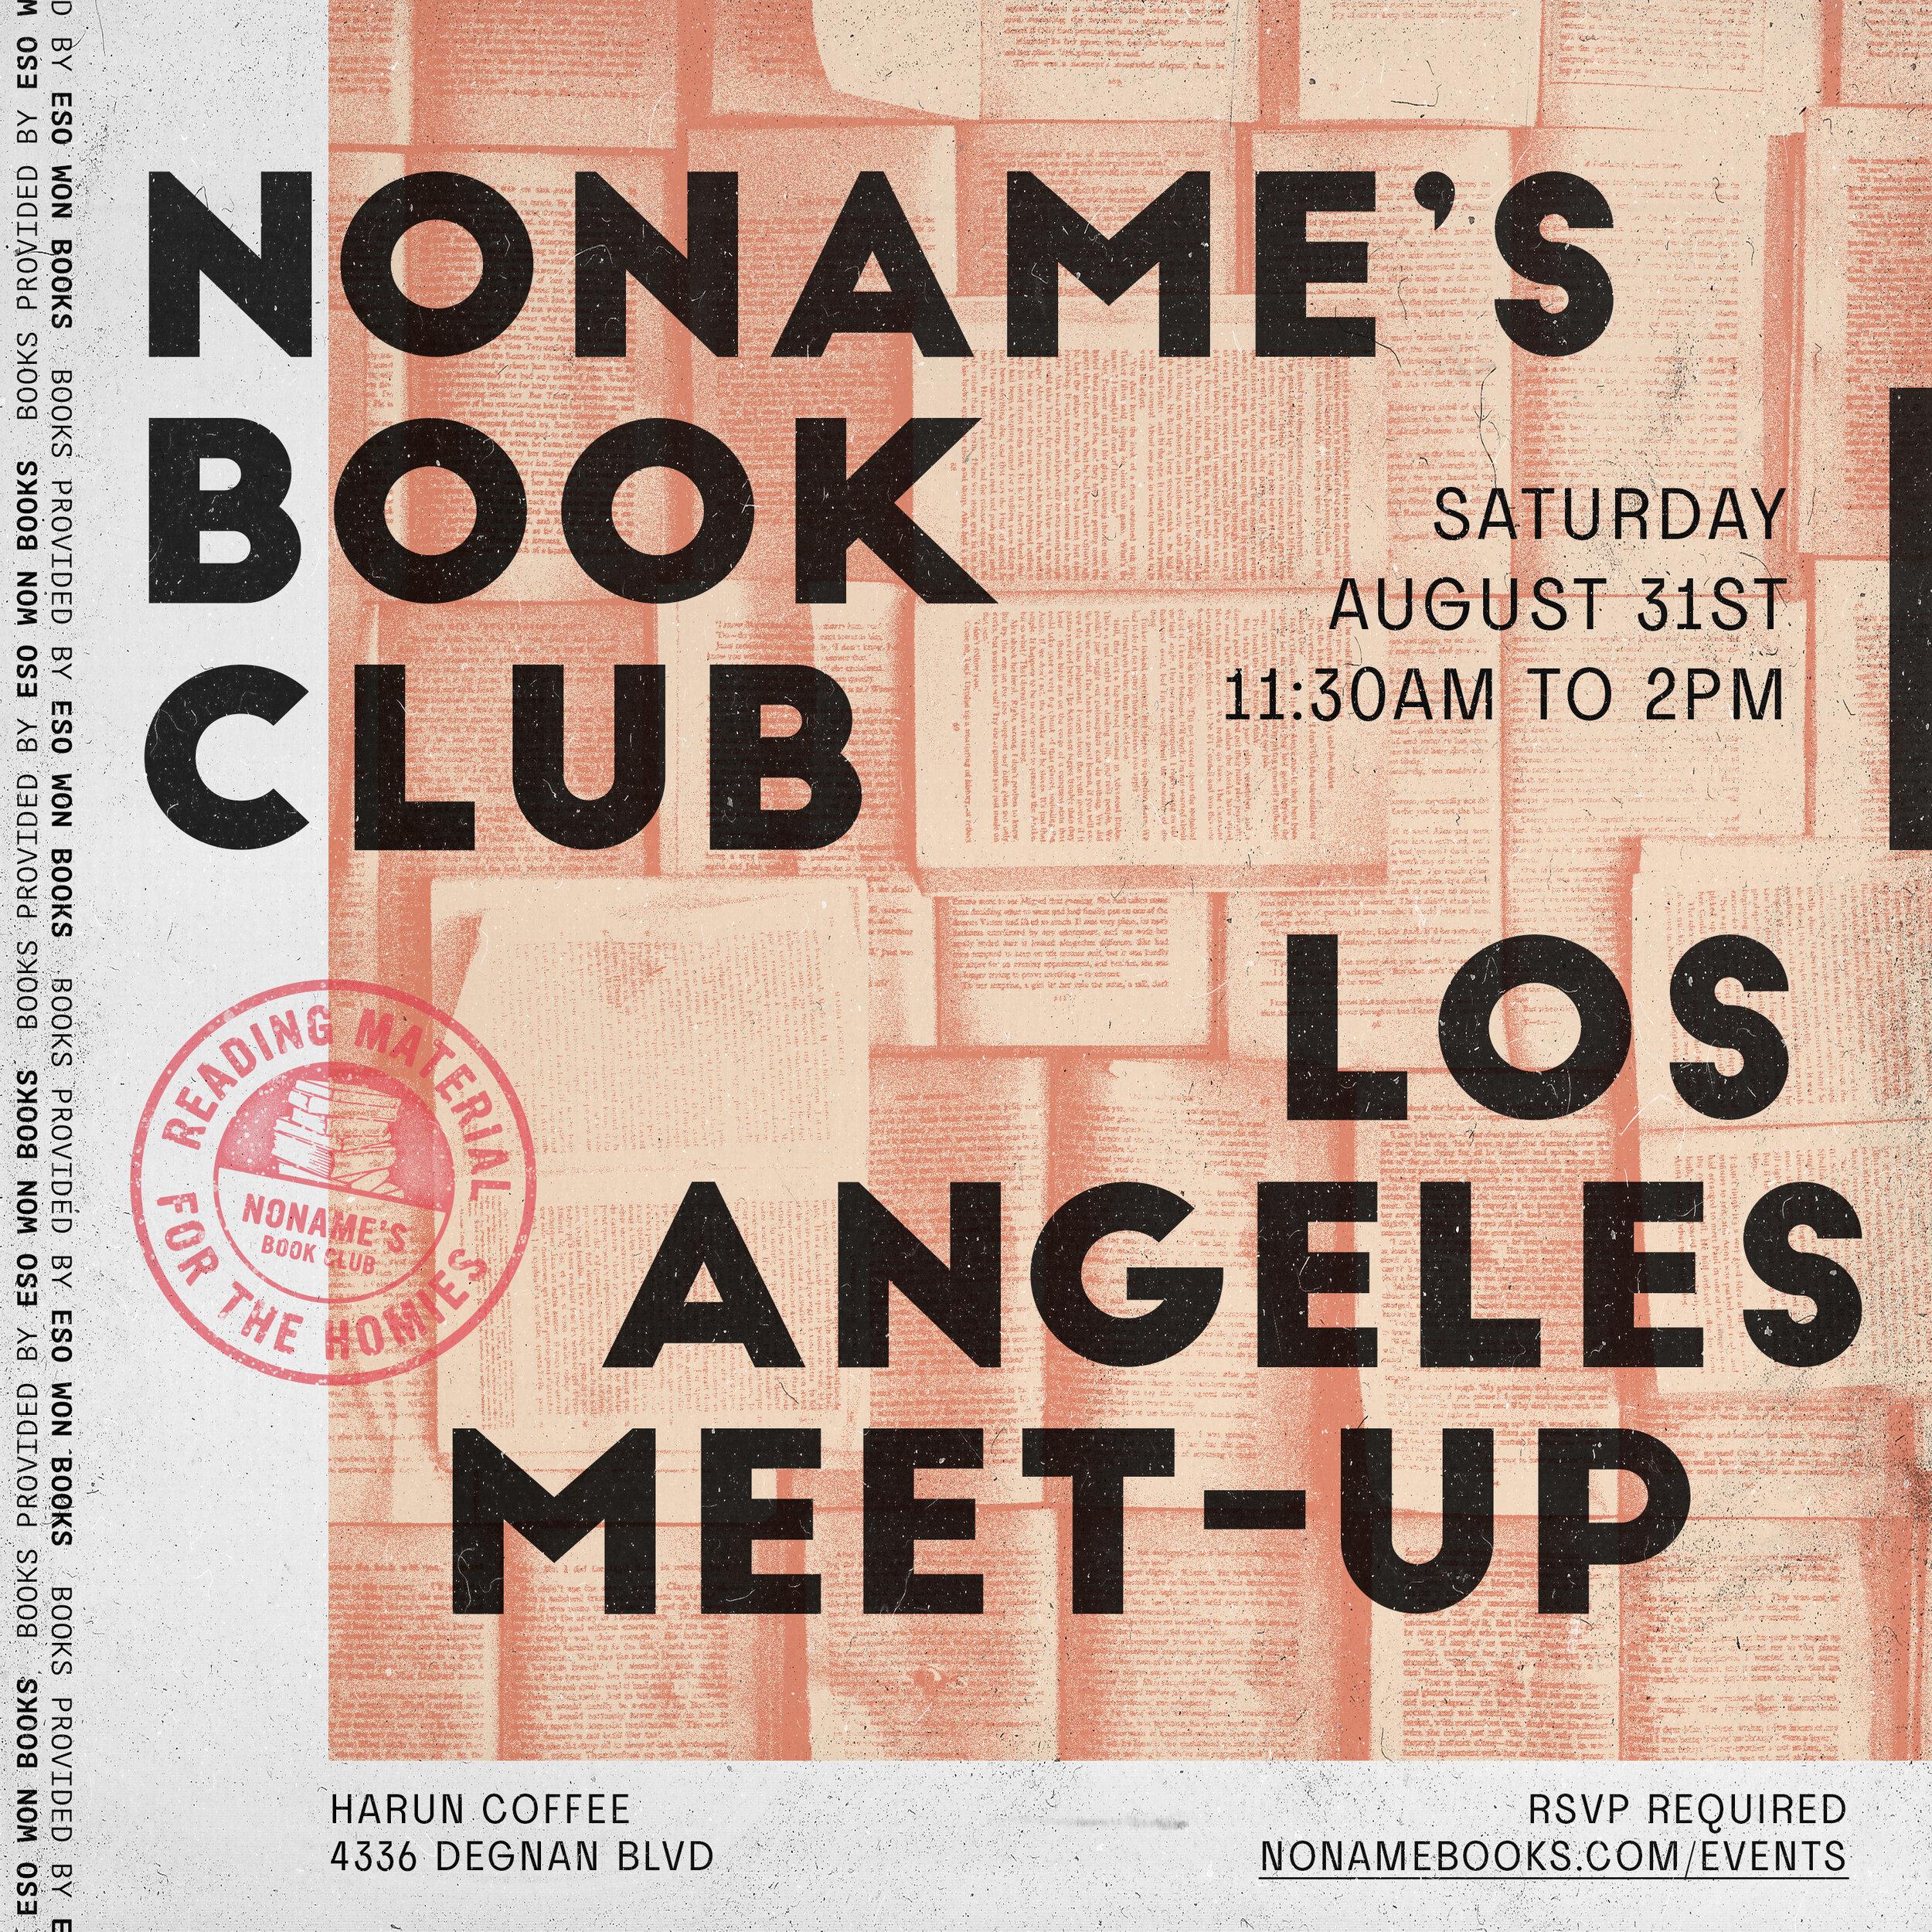 nonamebookclub_flyer_r1v2-c.jpg